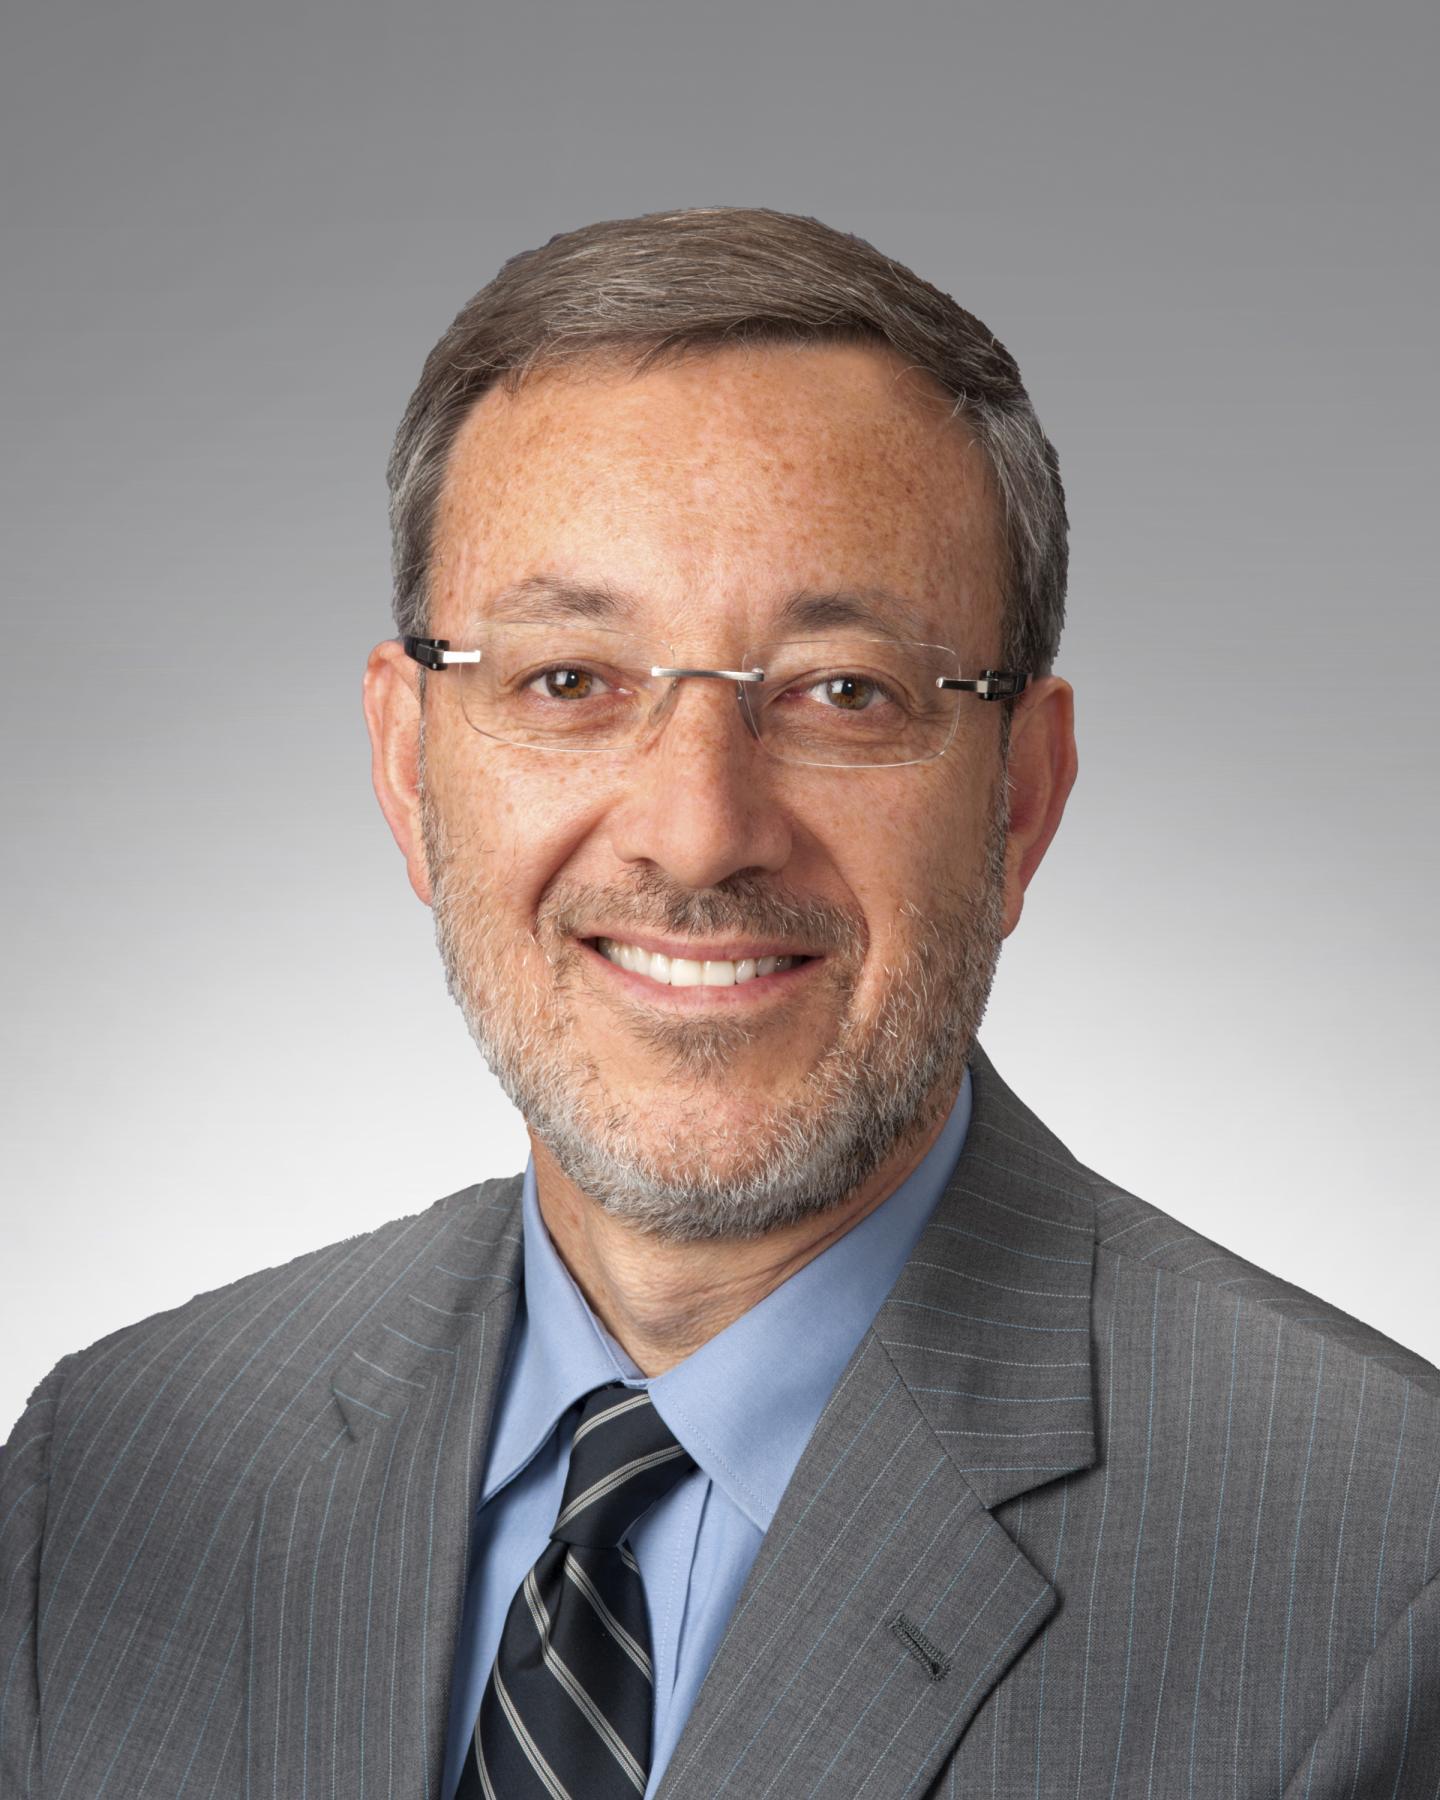 Alejandro Hoberman, M.D.